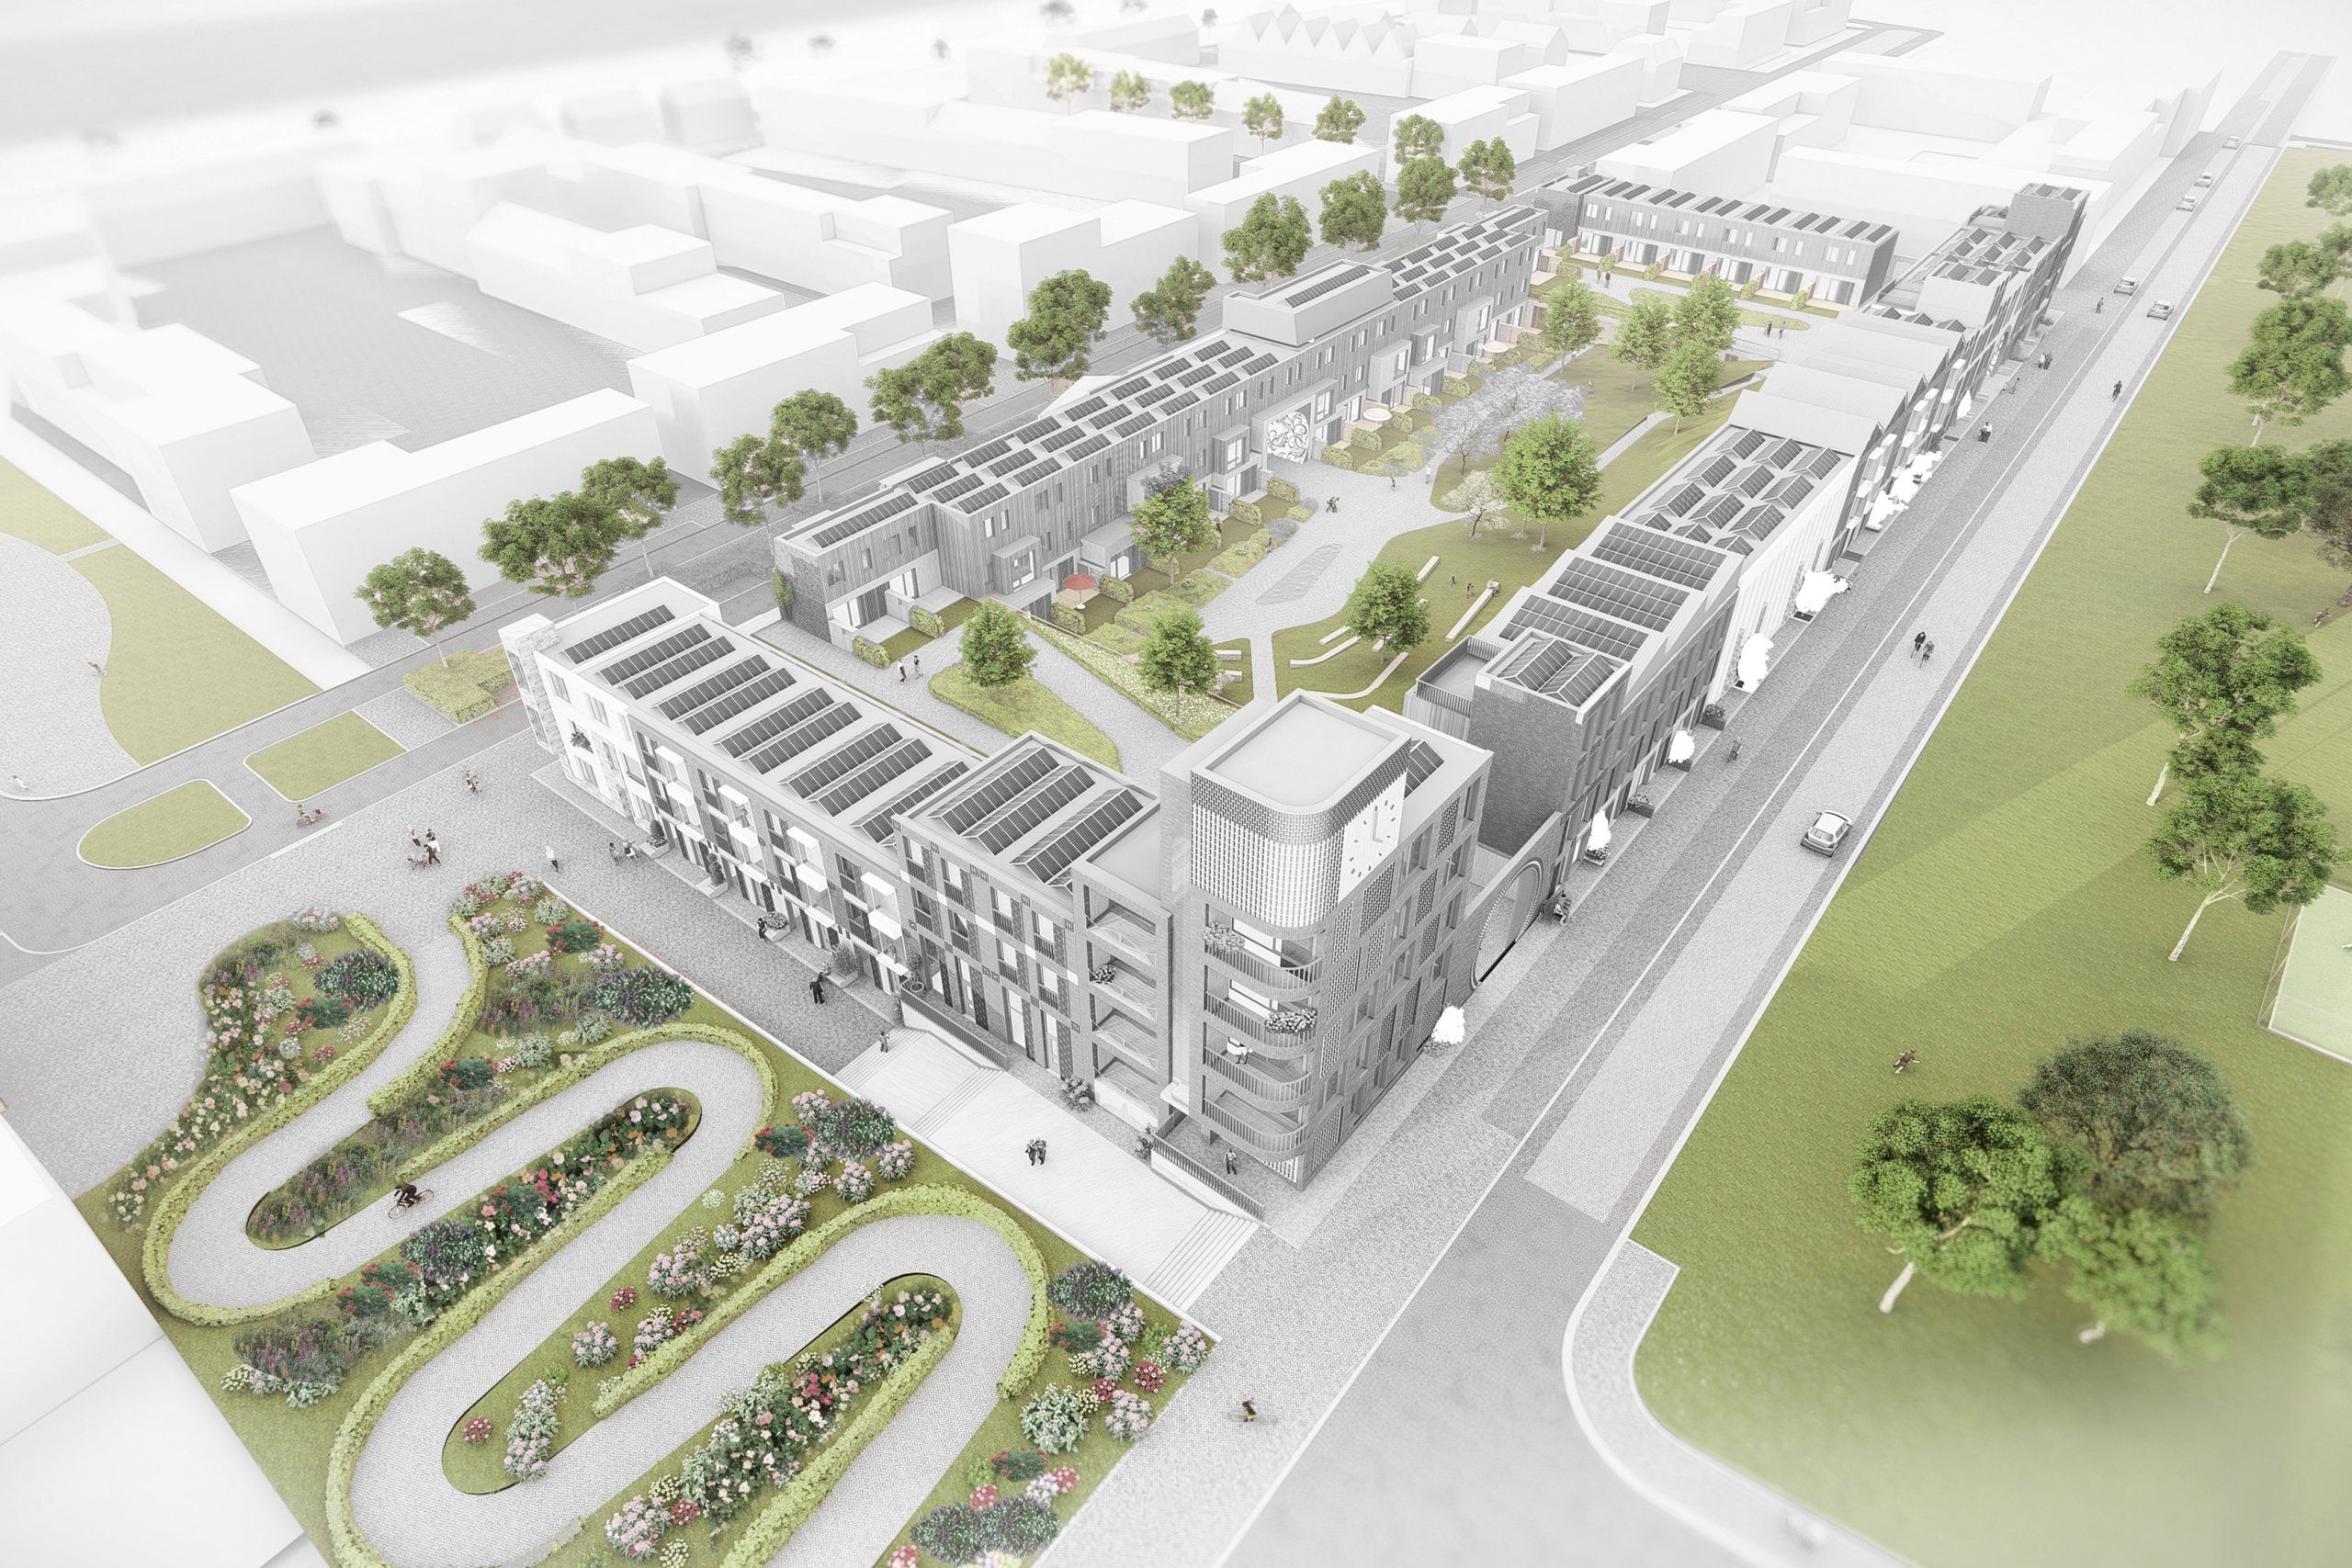 vogelvlucht render van bouwblok 7, Leeuwensteyn Utrecht